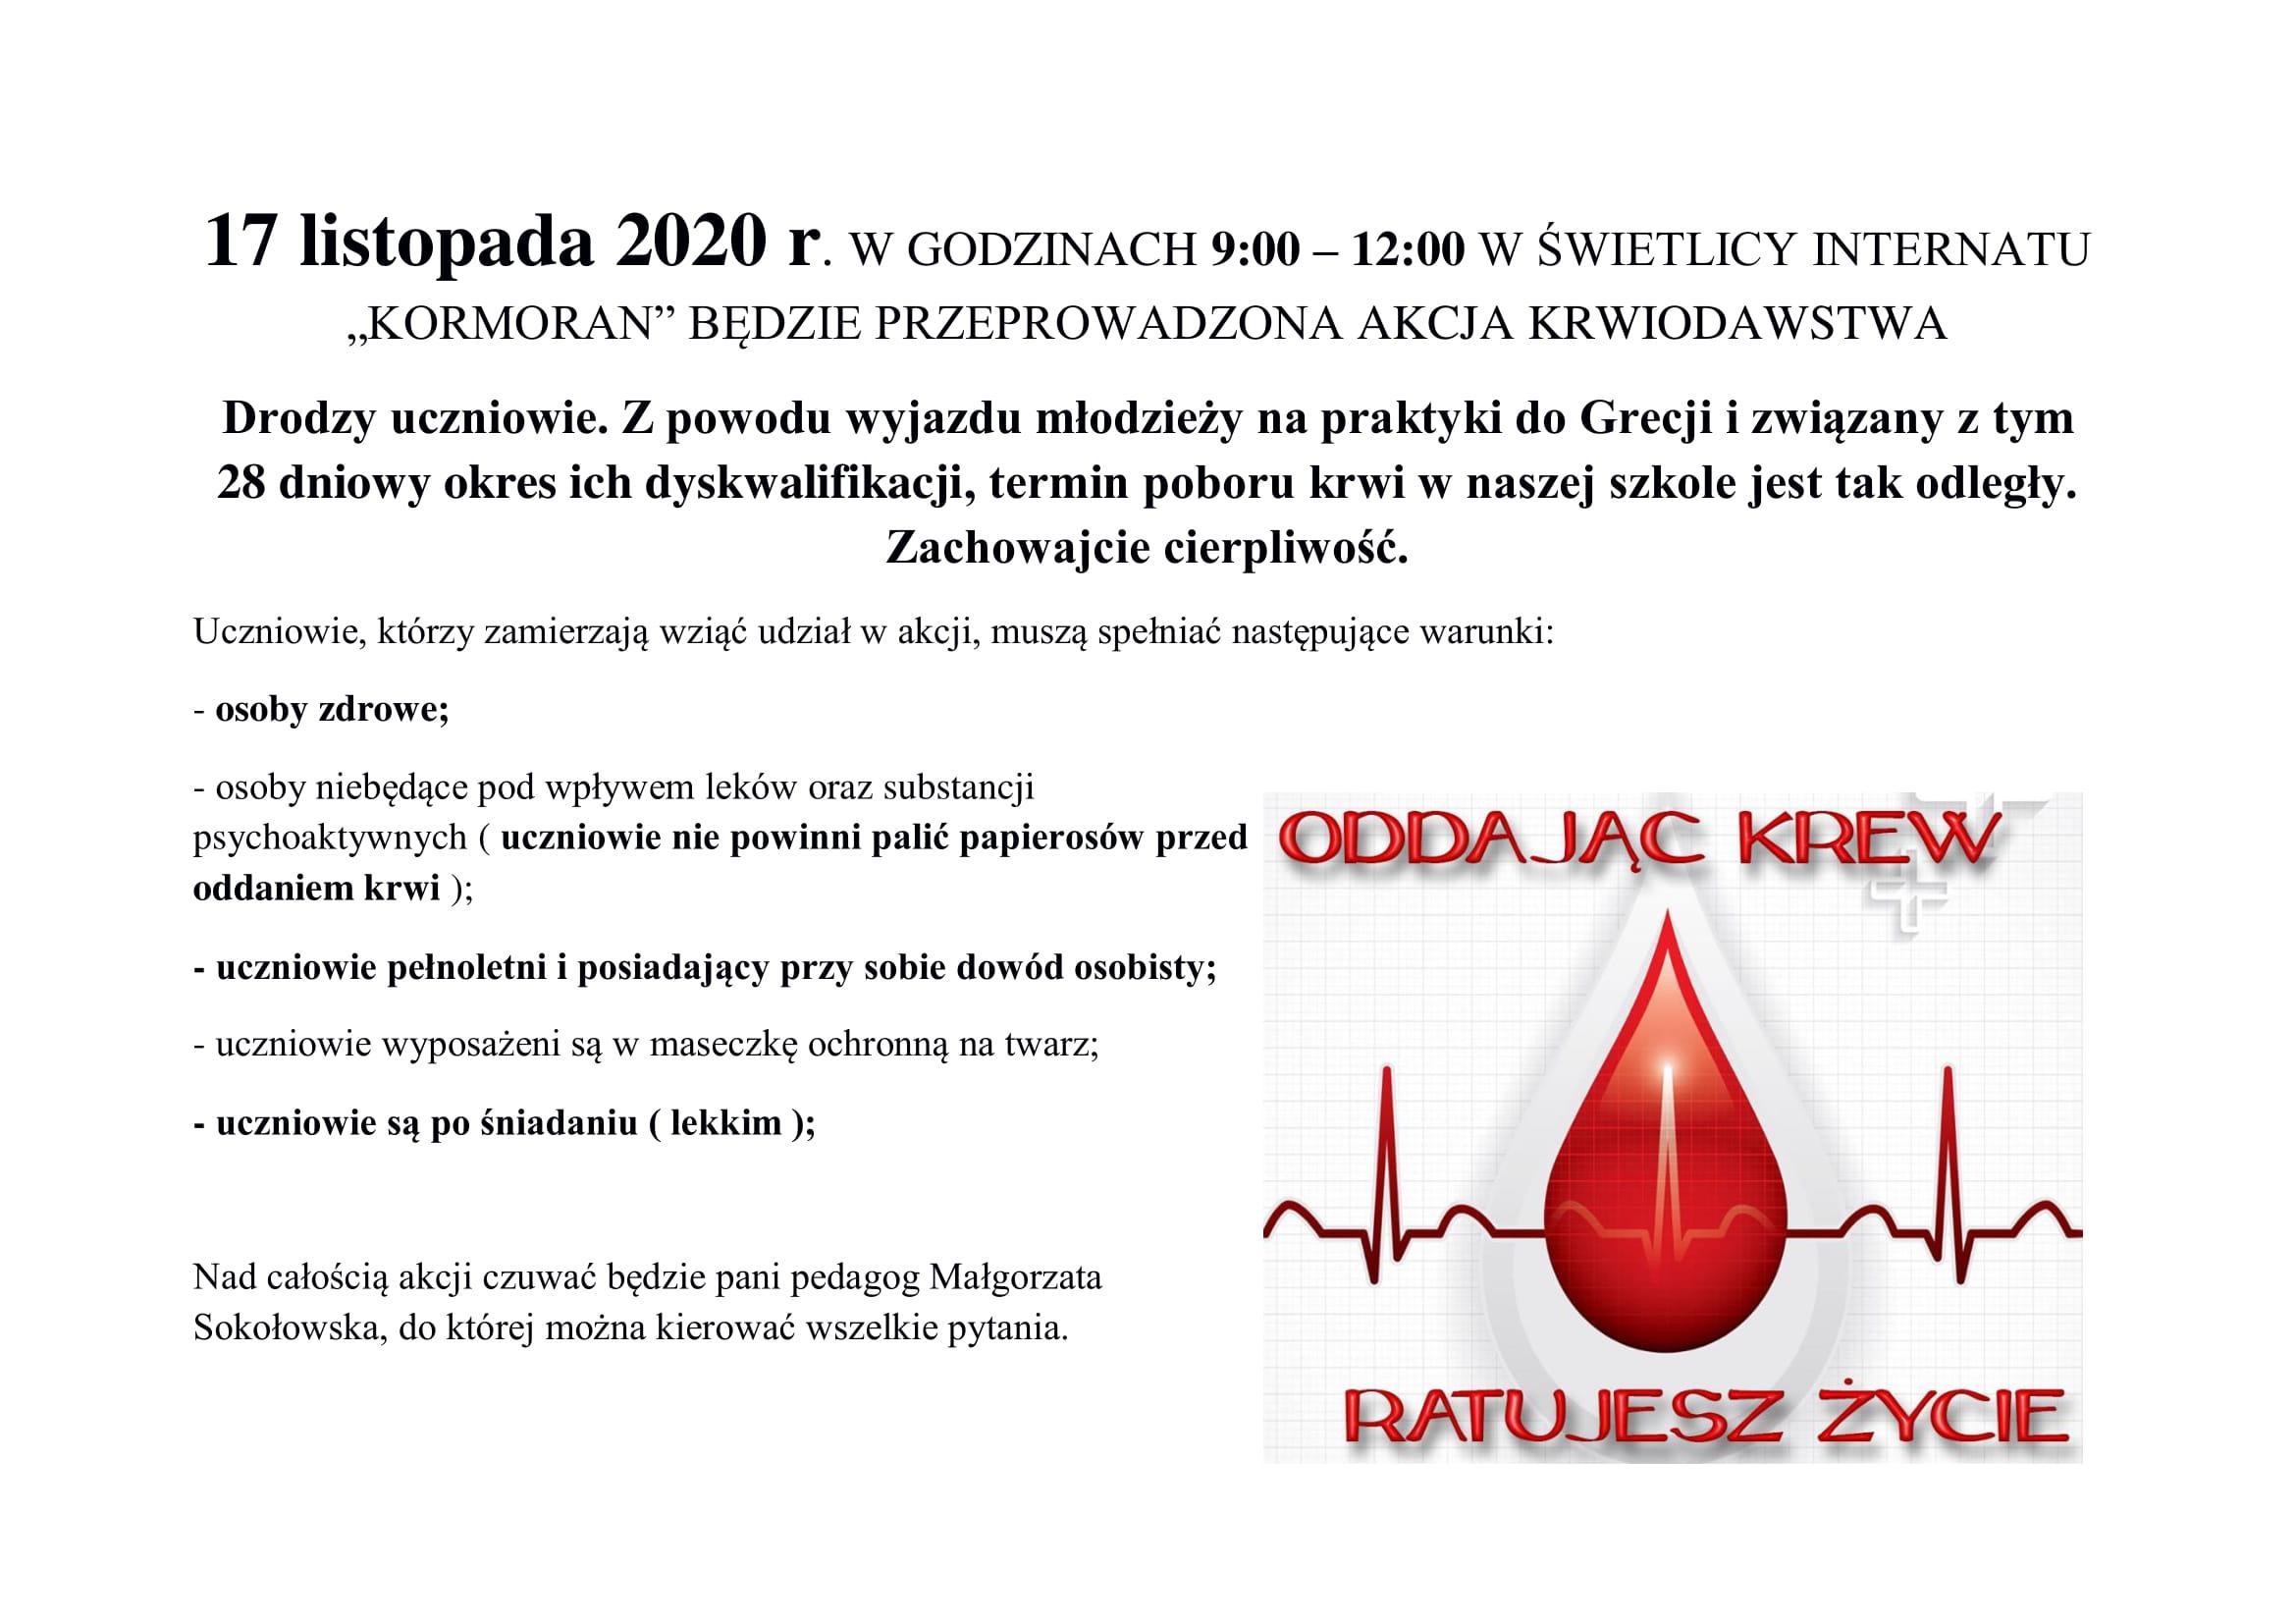 Krwiodawstwo-17-listopada-2020-1.jpg